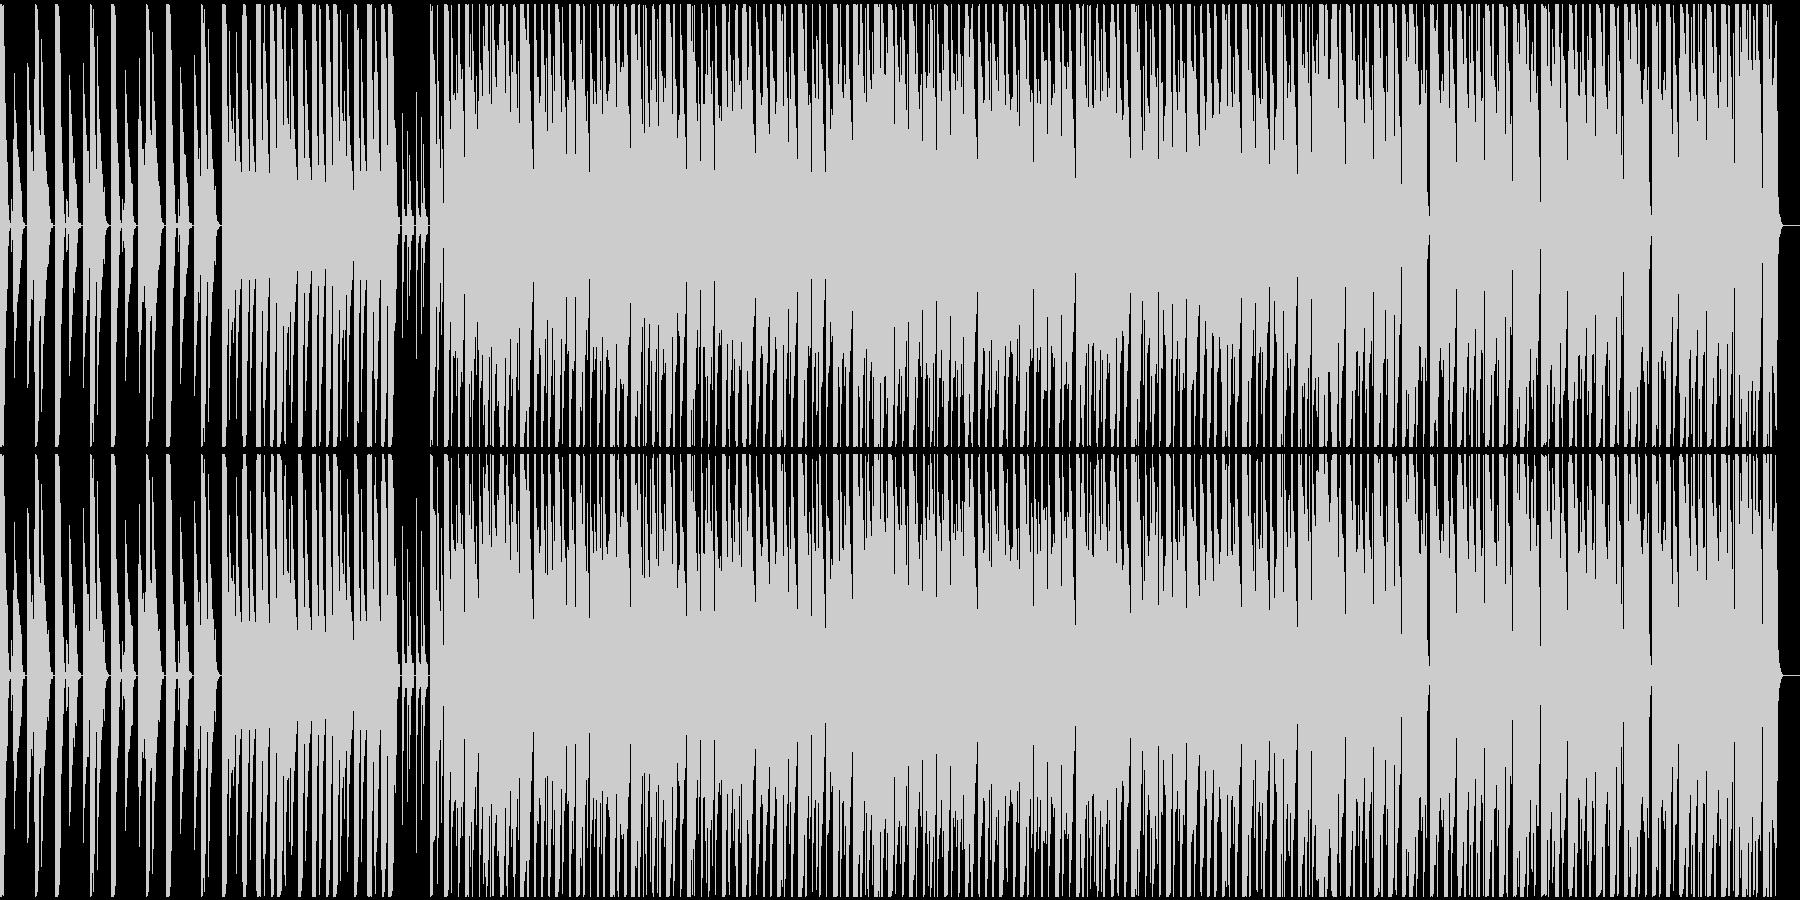 3xoscシンセのみで作曲したテクノの未再生の波形